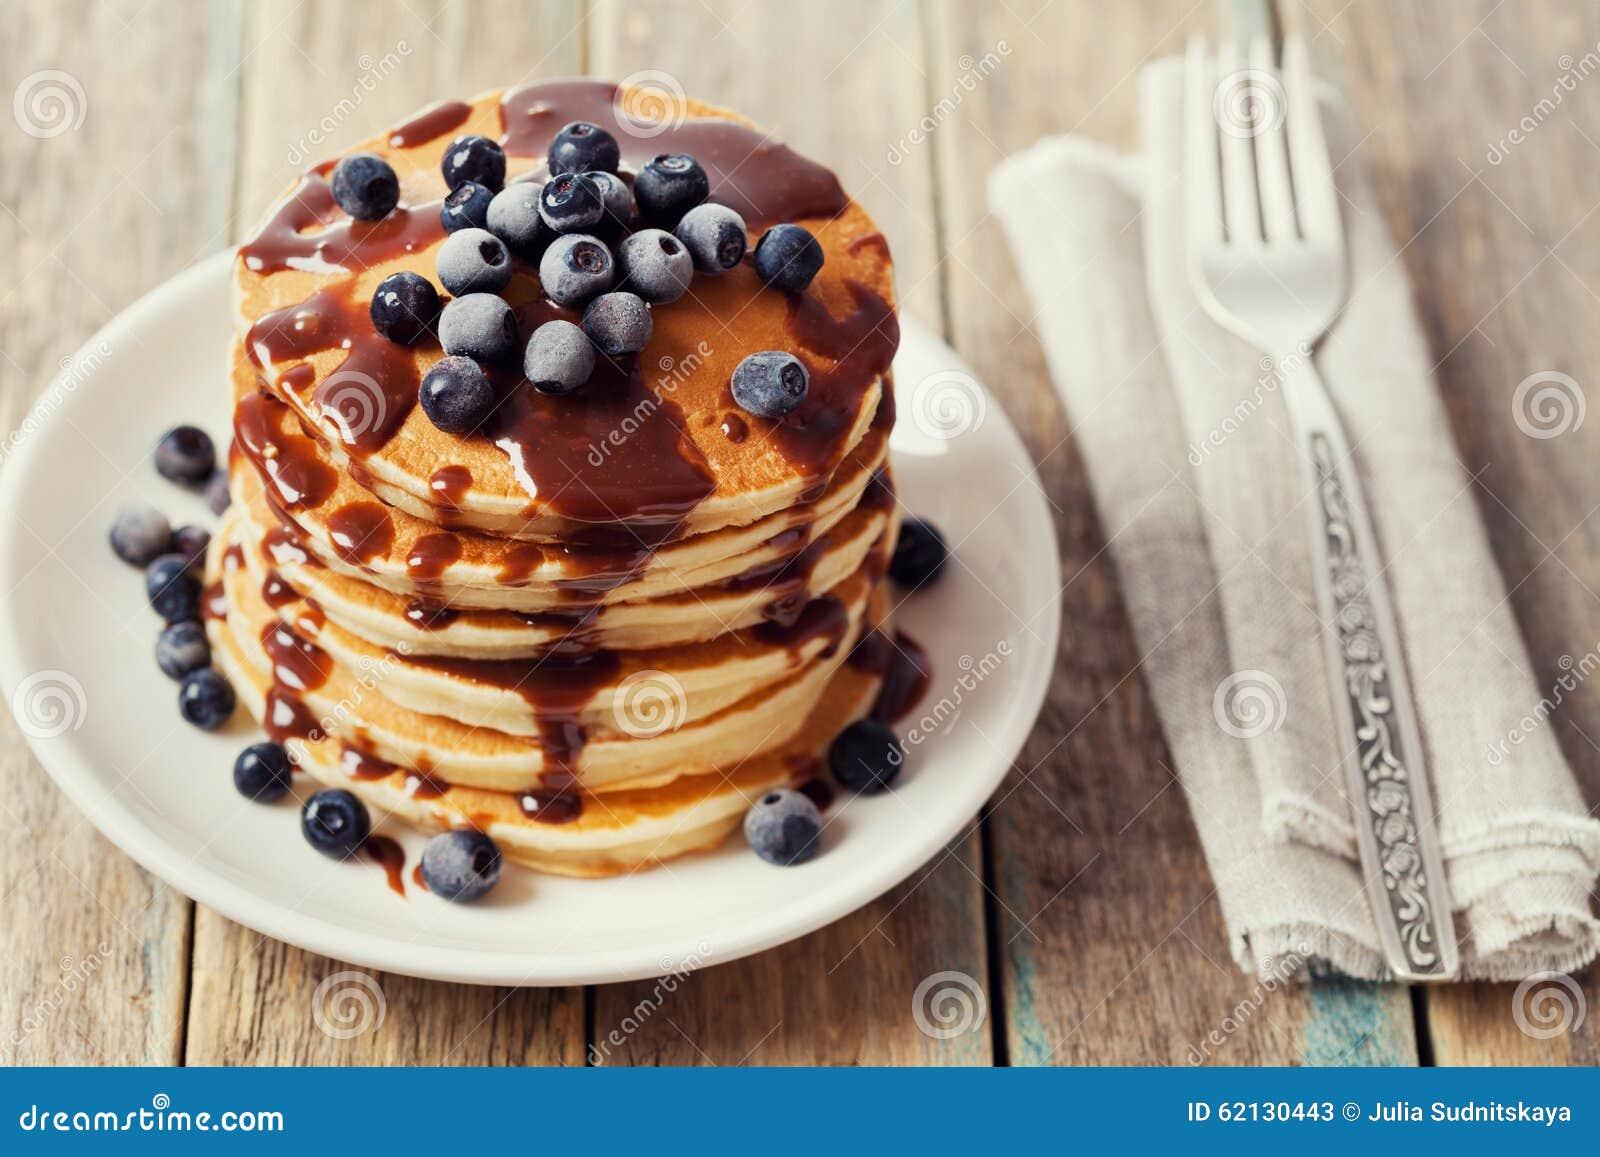 堆薄煎饼或油炸馅饼用巧克力汁和冷冻蓝莓在一块白色板材在一张木土气桌上